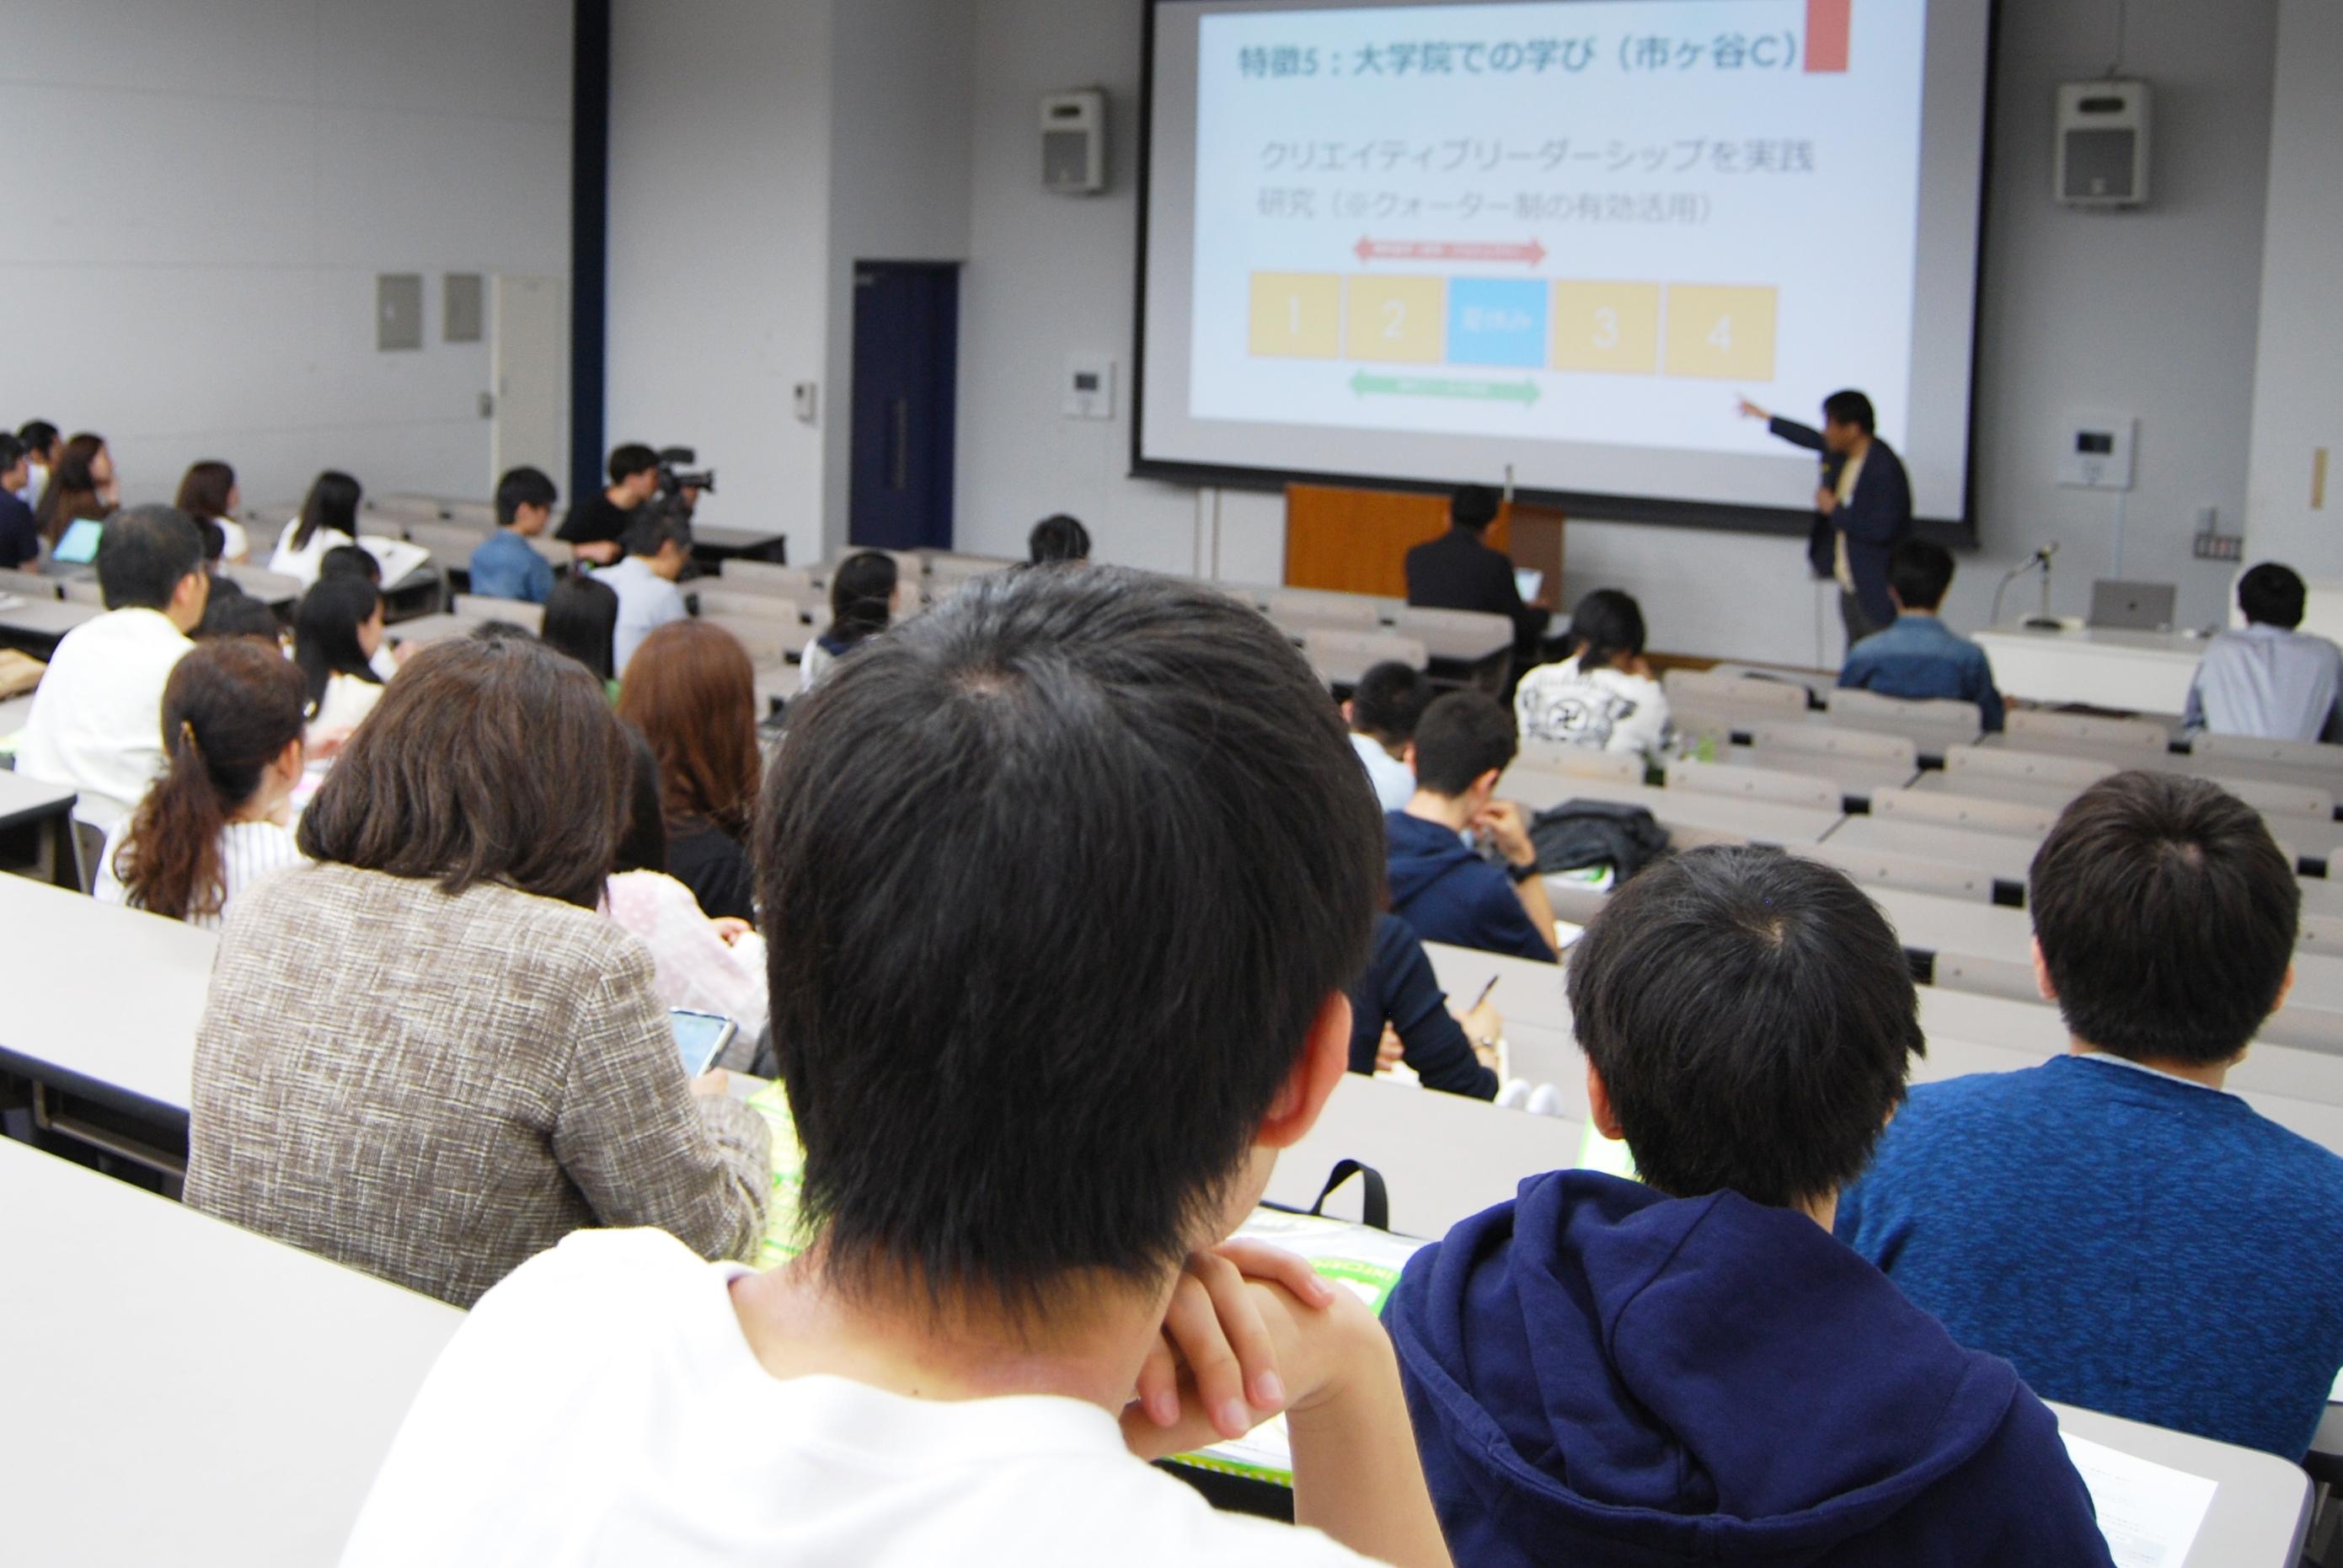 大学院造形構想研究科クリエイティブリーダシップコース 社会人向け説明会